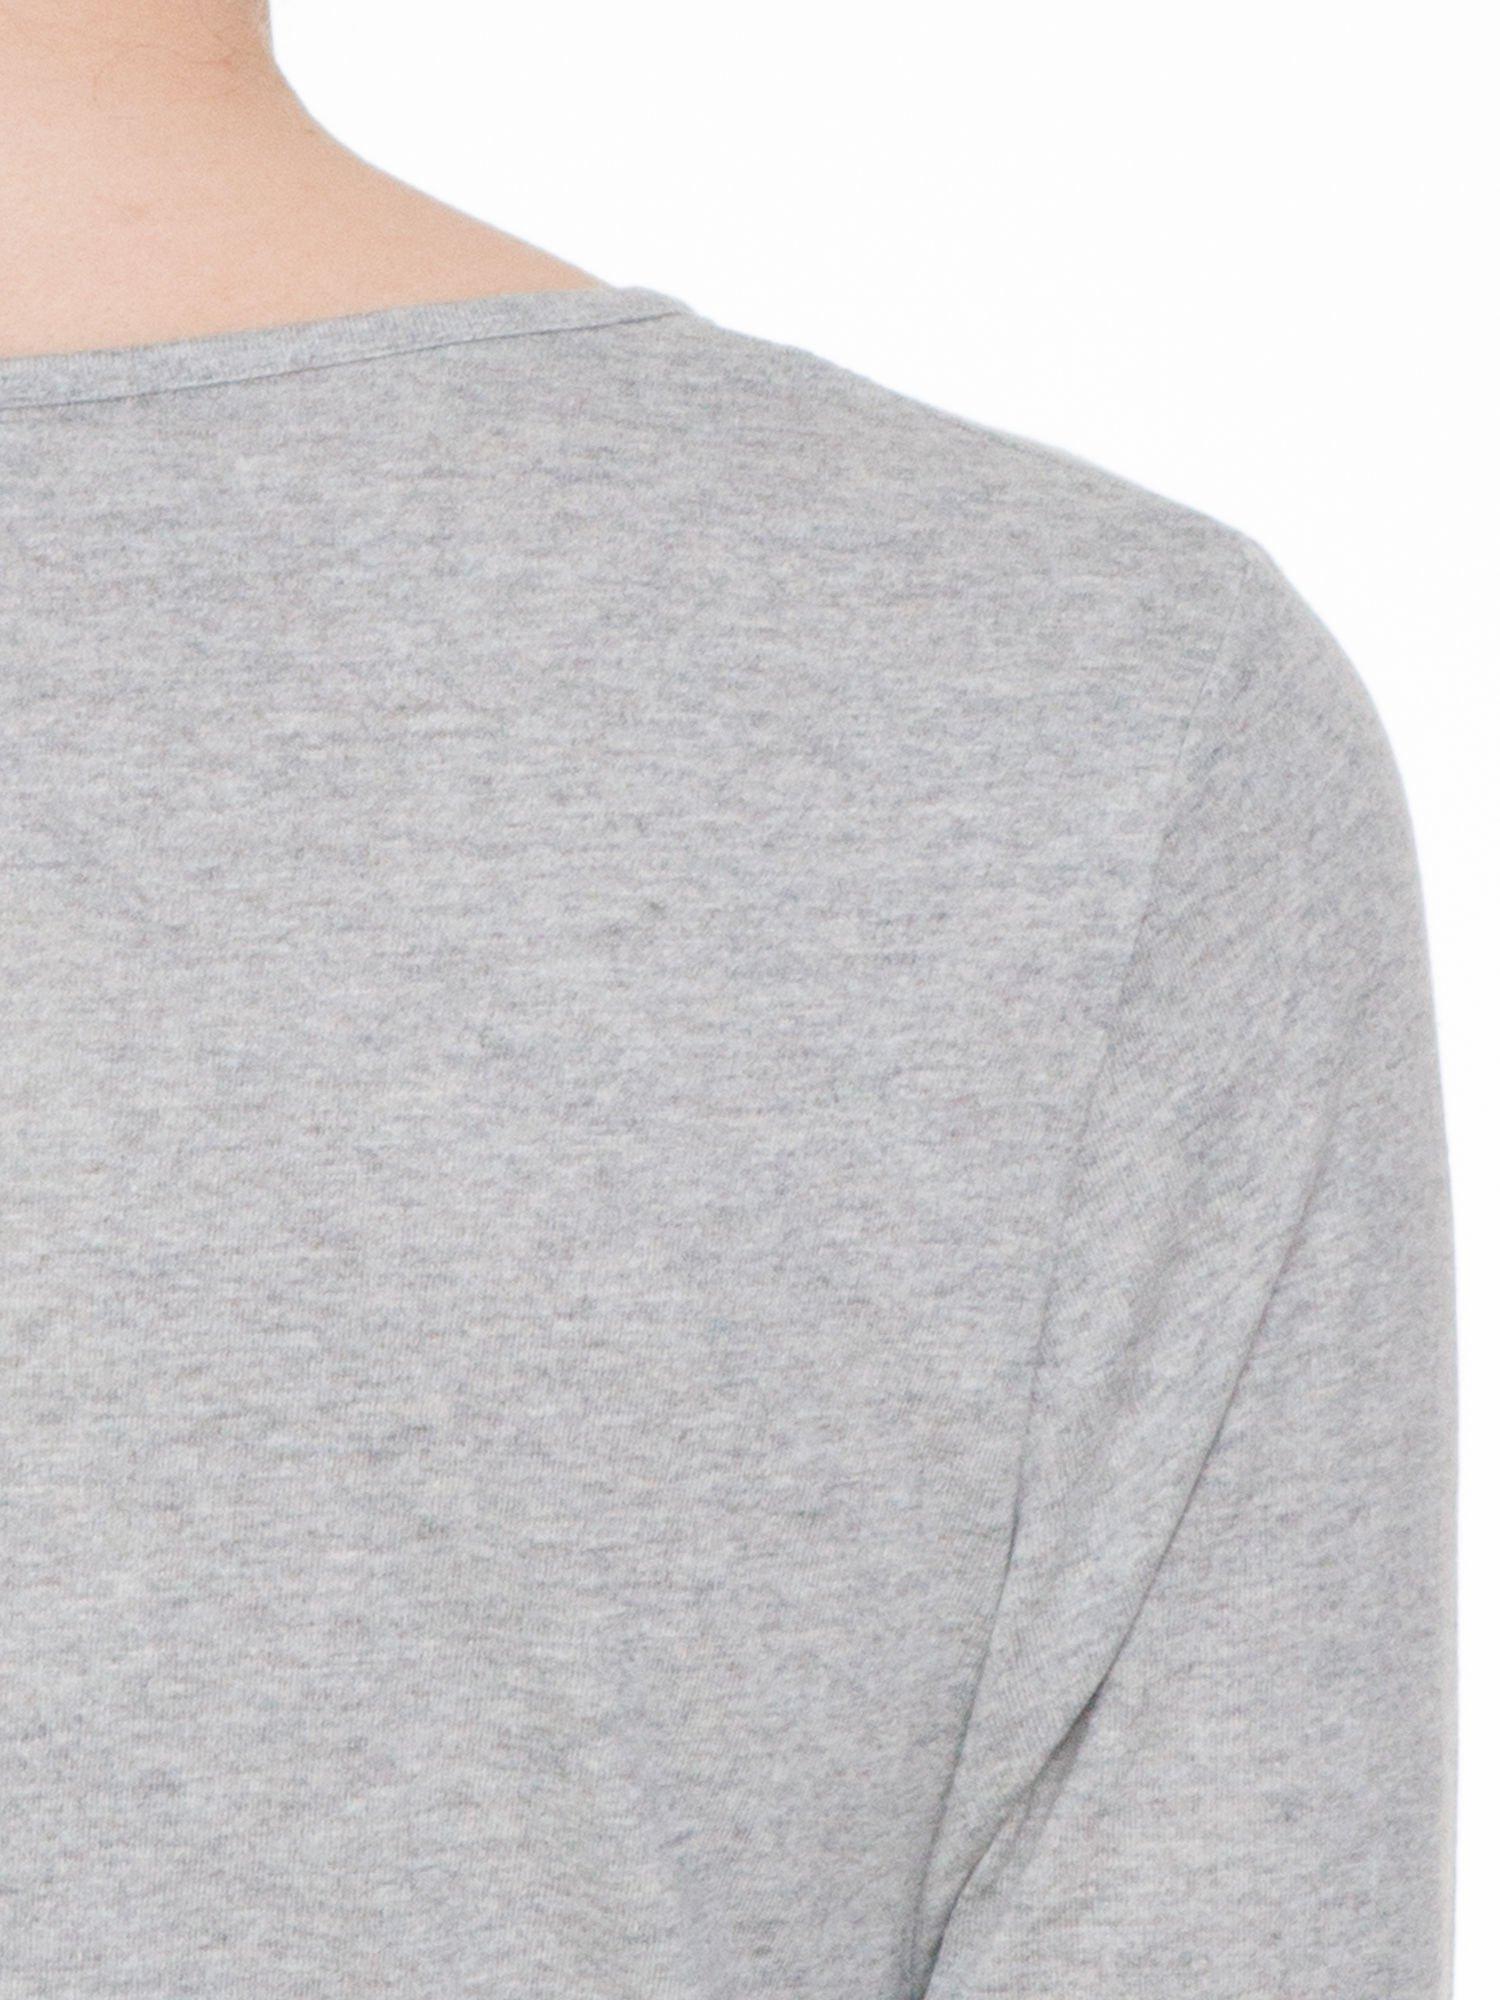 Jasnoszara gładka bluzka z rękawem 3/4                                  zdj.                                  5